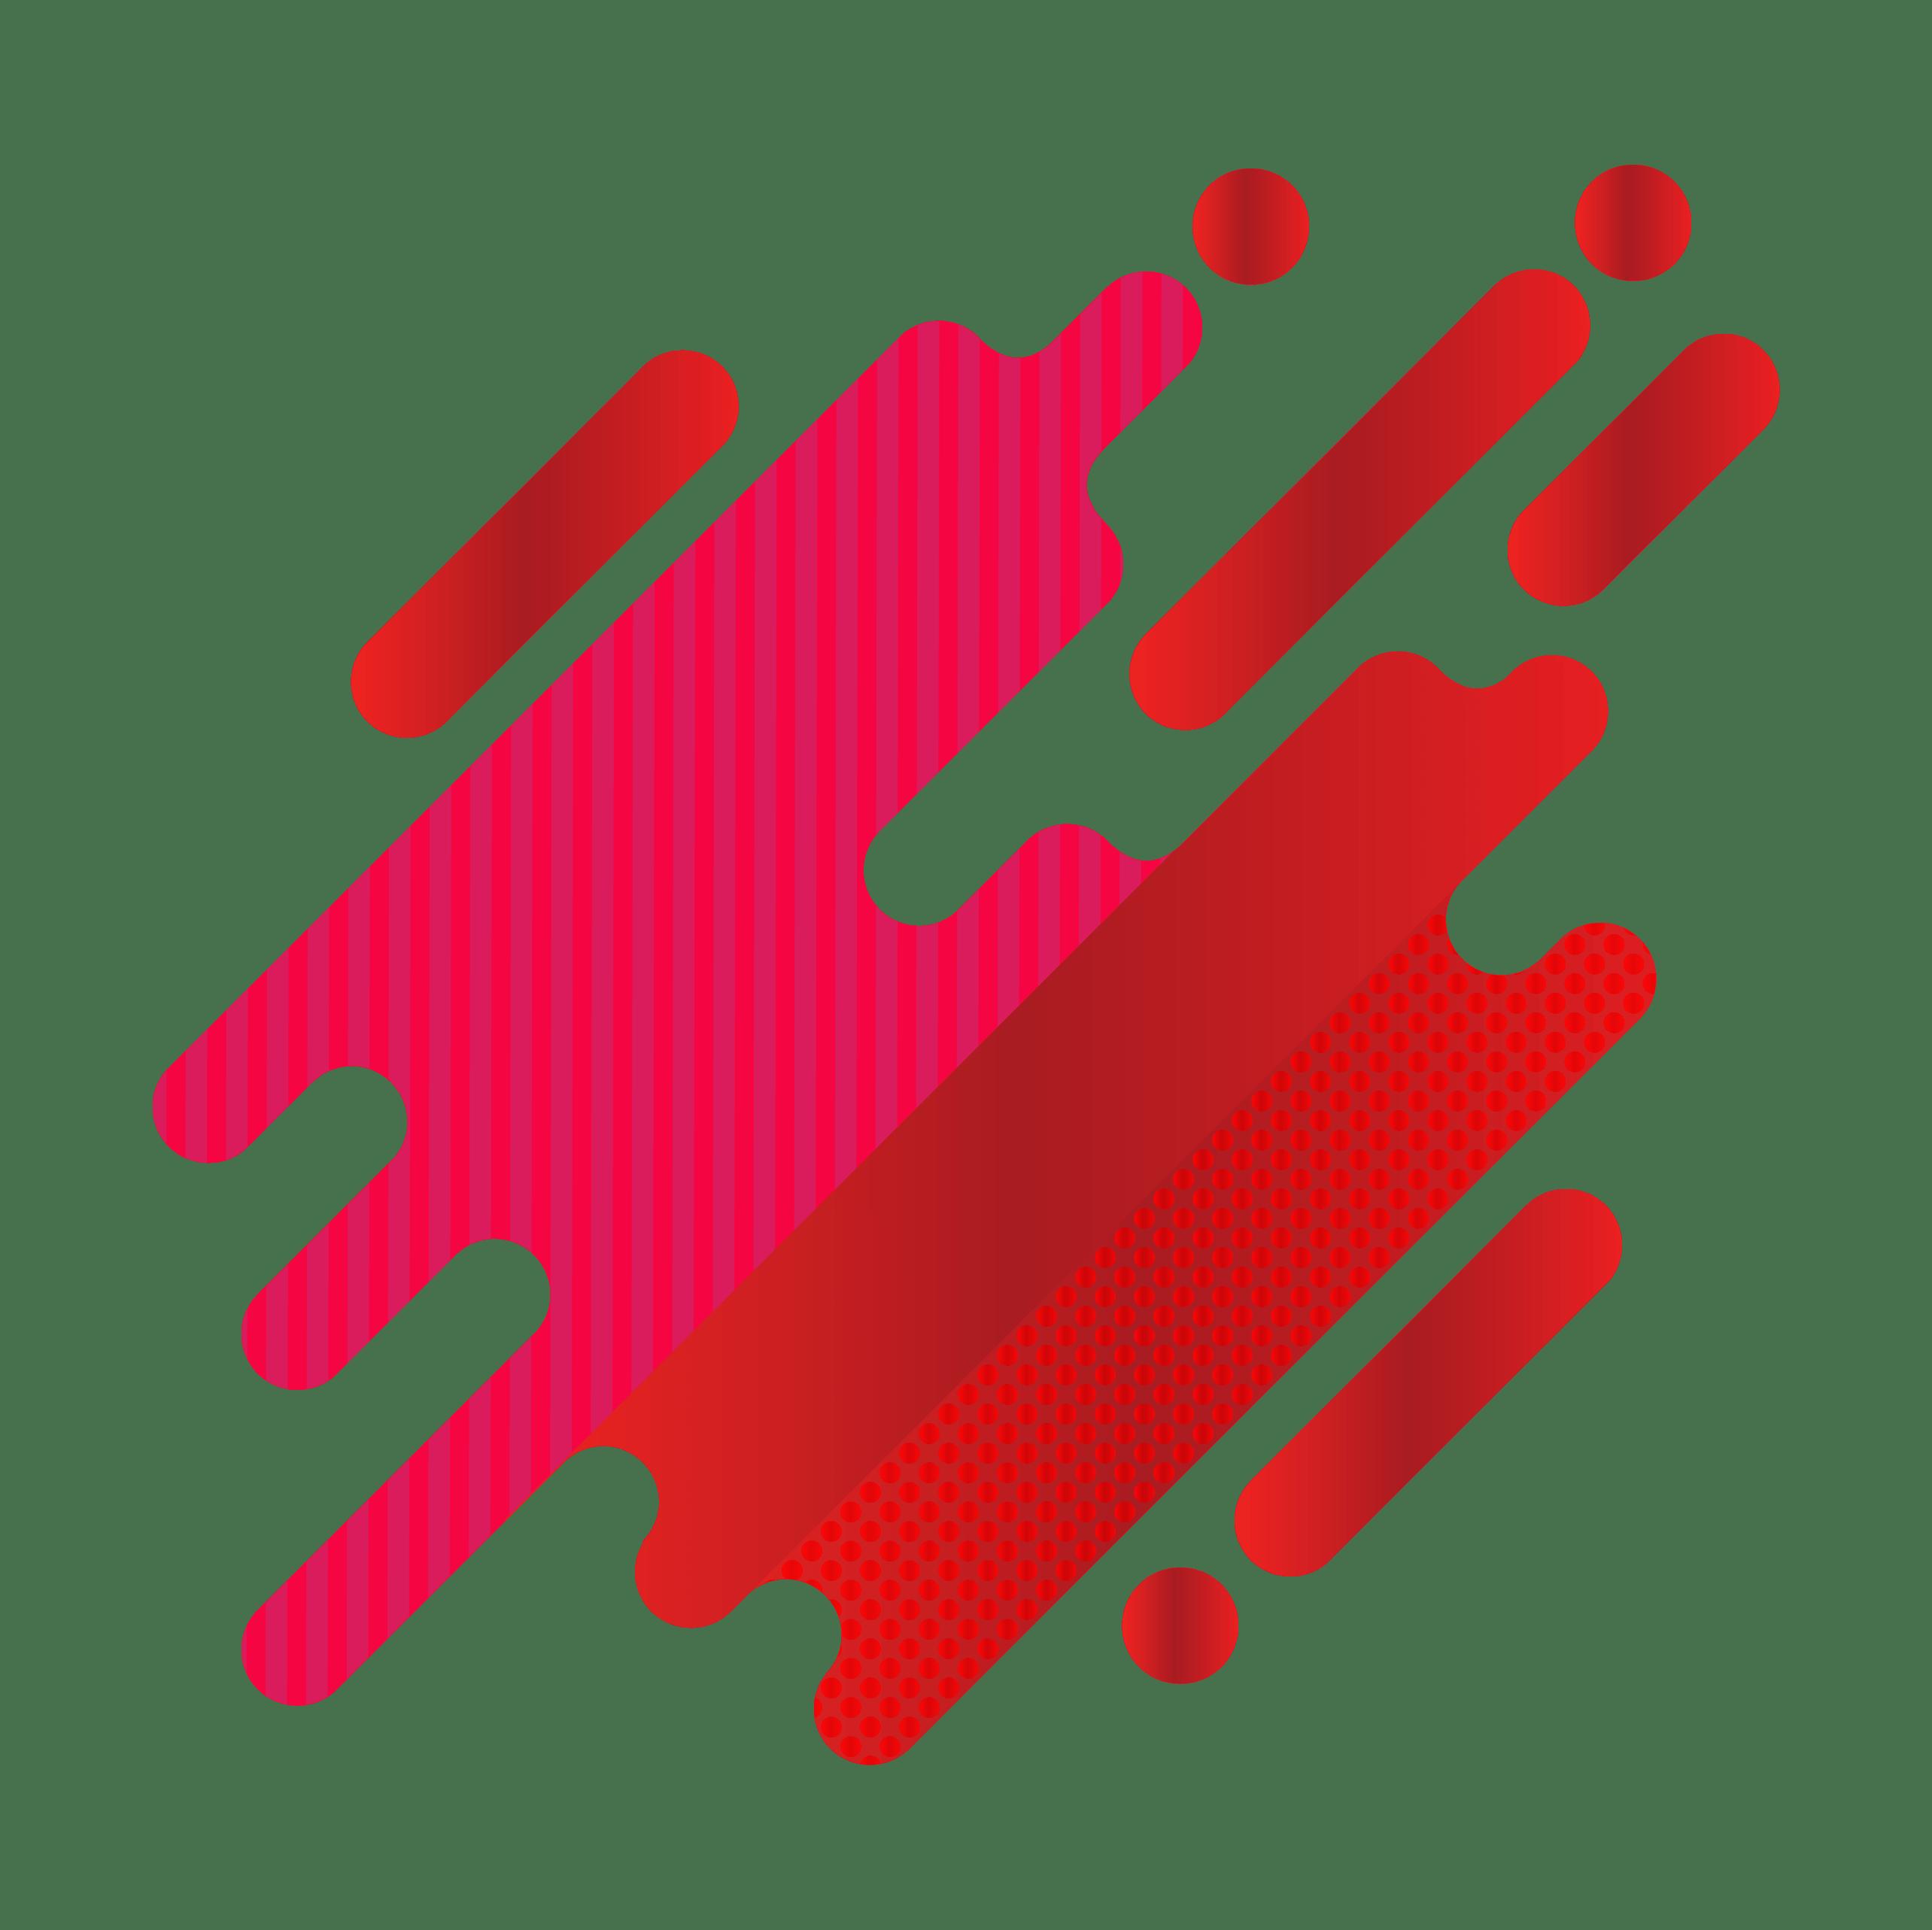 Reklama - oferta firmy Agencja Reklamowa DKAmedia